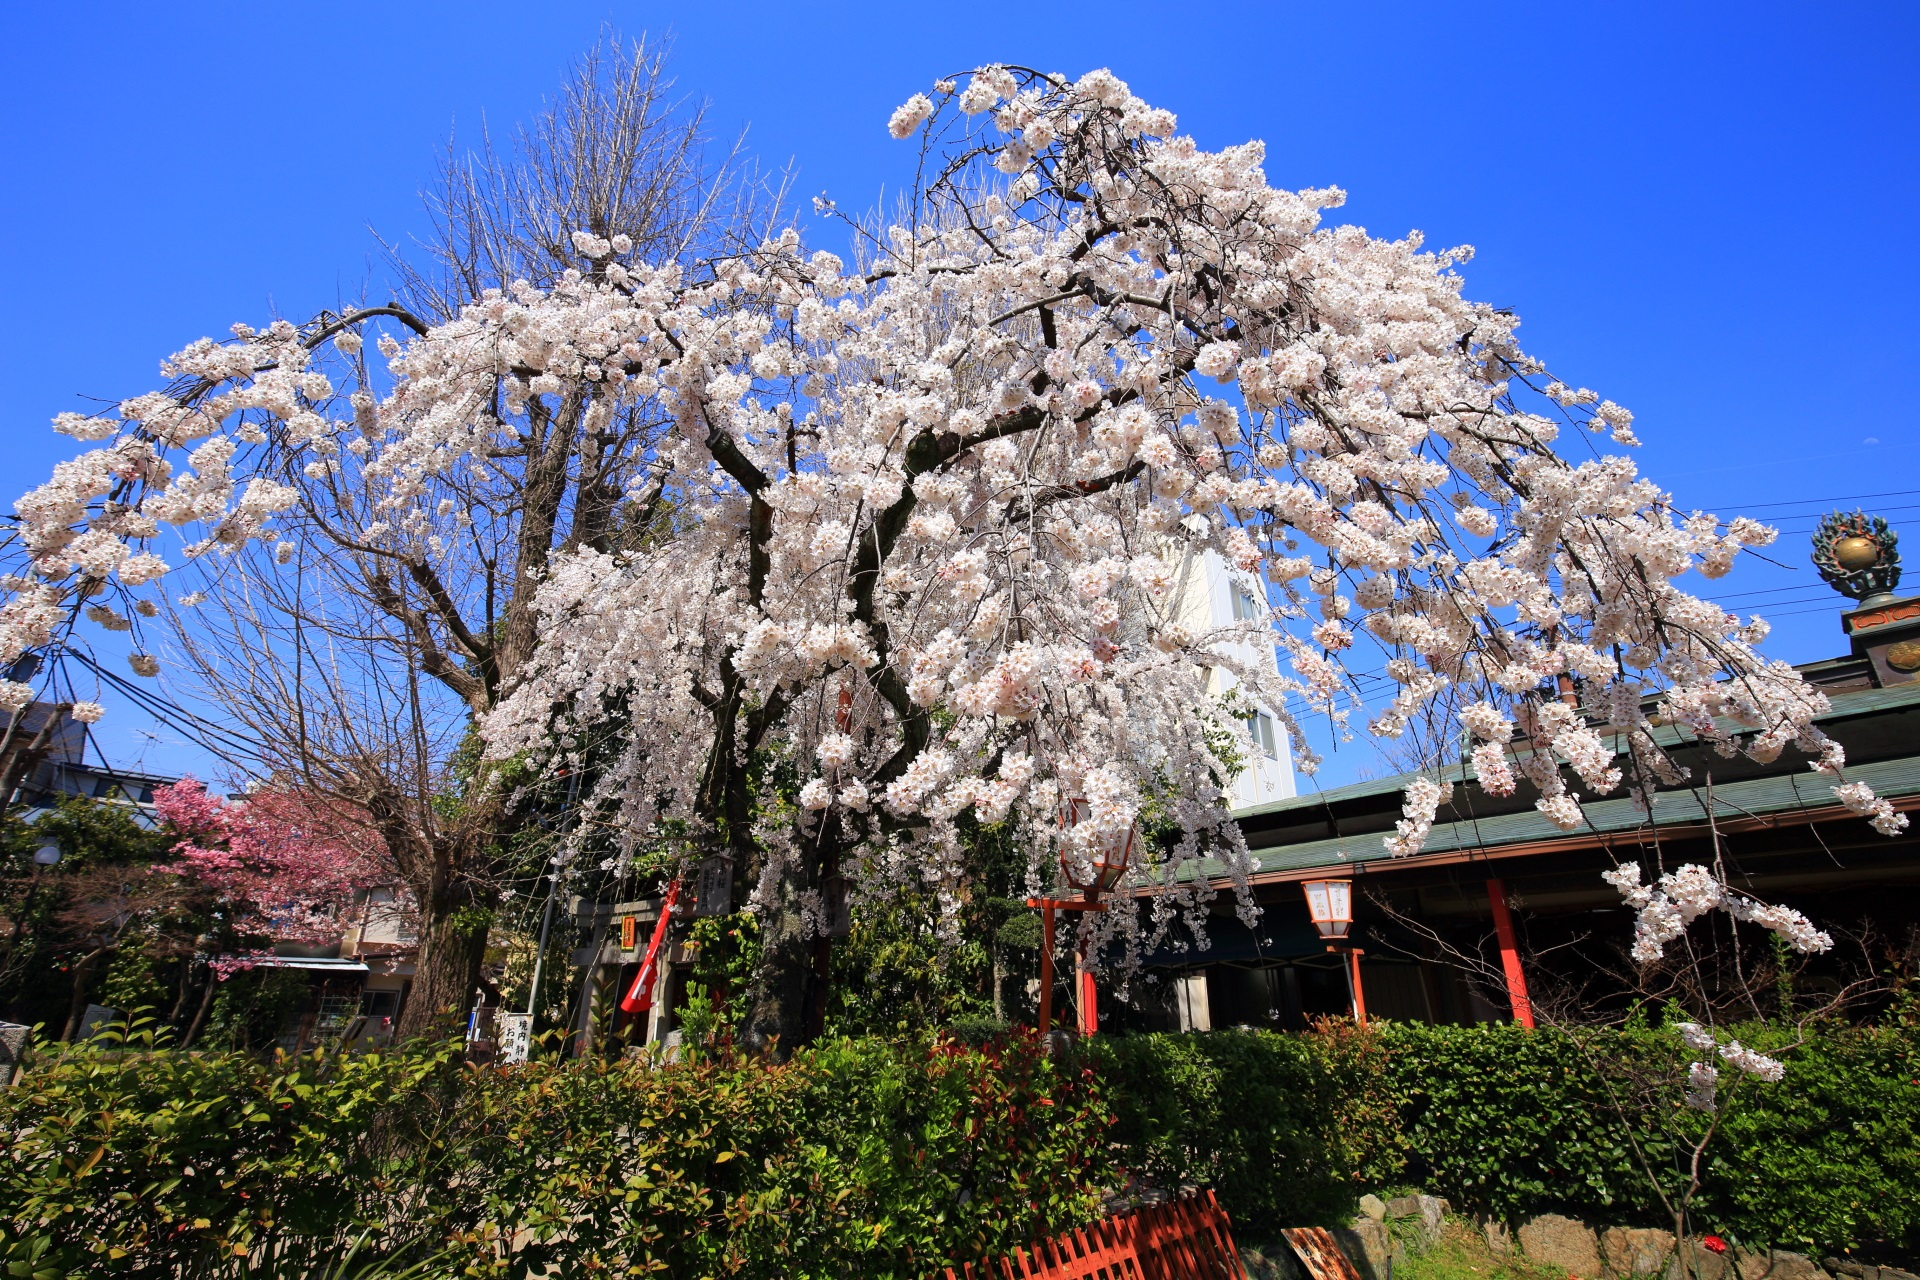 青空を春色に彩る華やかなしだれ桜